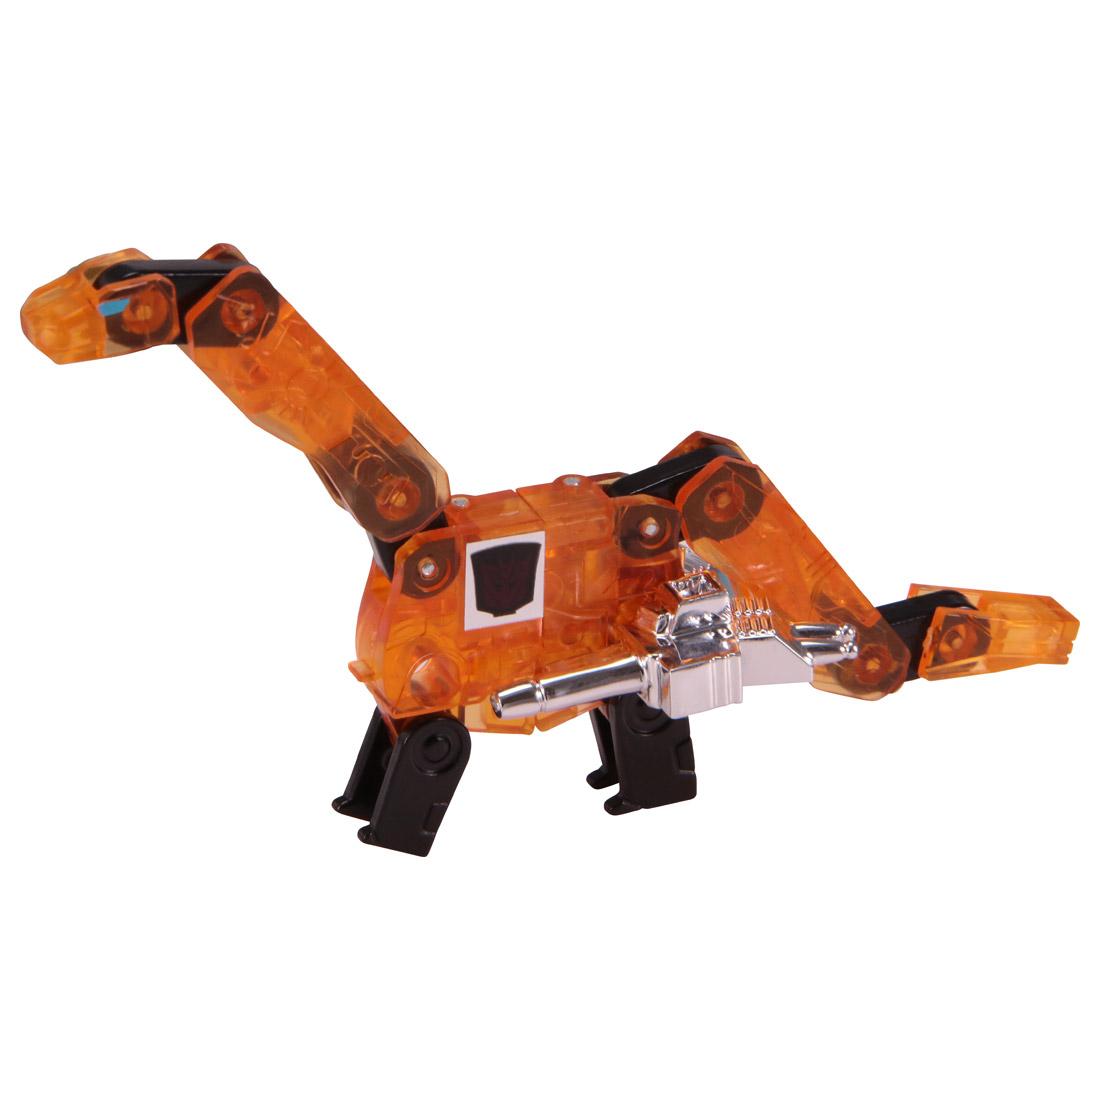 トランスフォーマー スタジオシリーズ『SS-EX バンブルビー レトロガレージセット』可変可動フィギュア-004